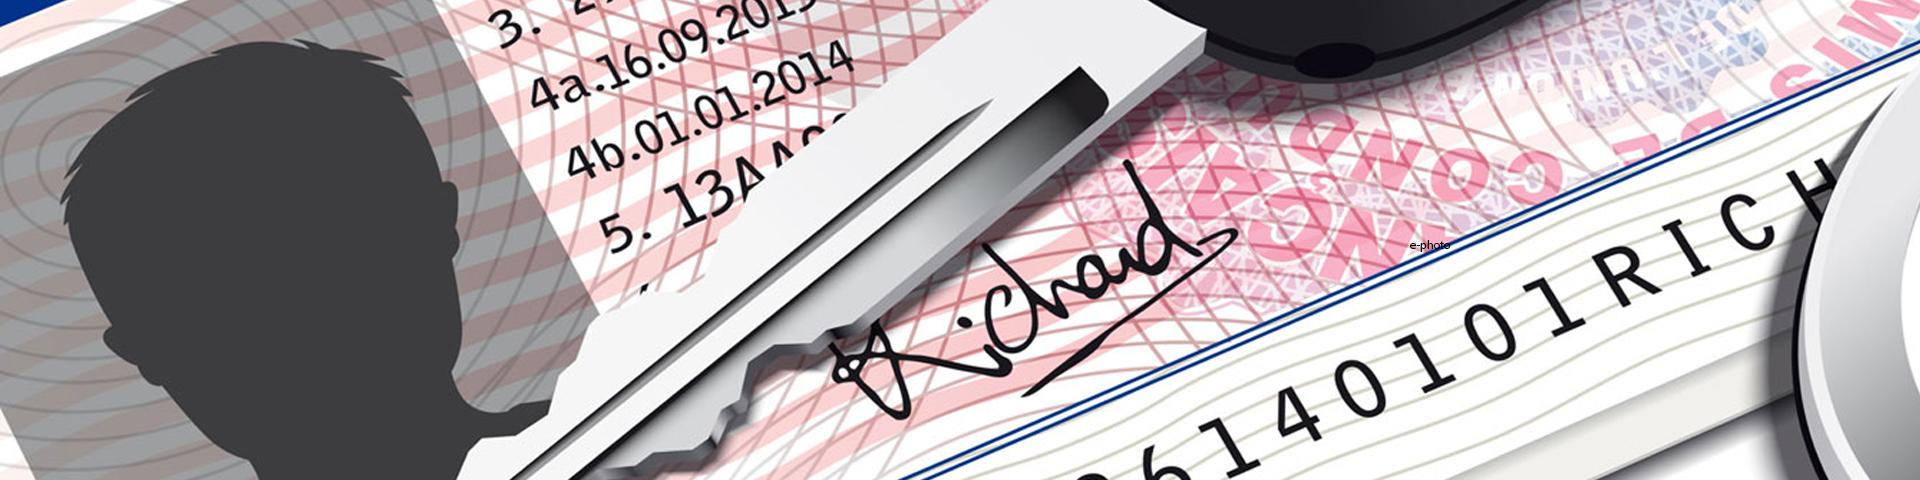 E-photo obligatoire pour nouveau permis de conduire